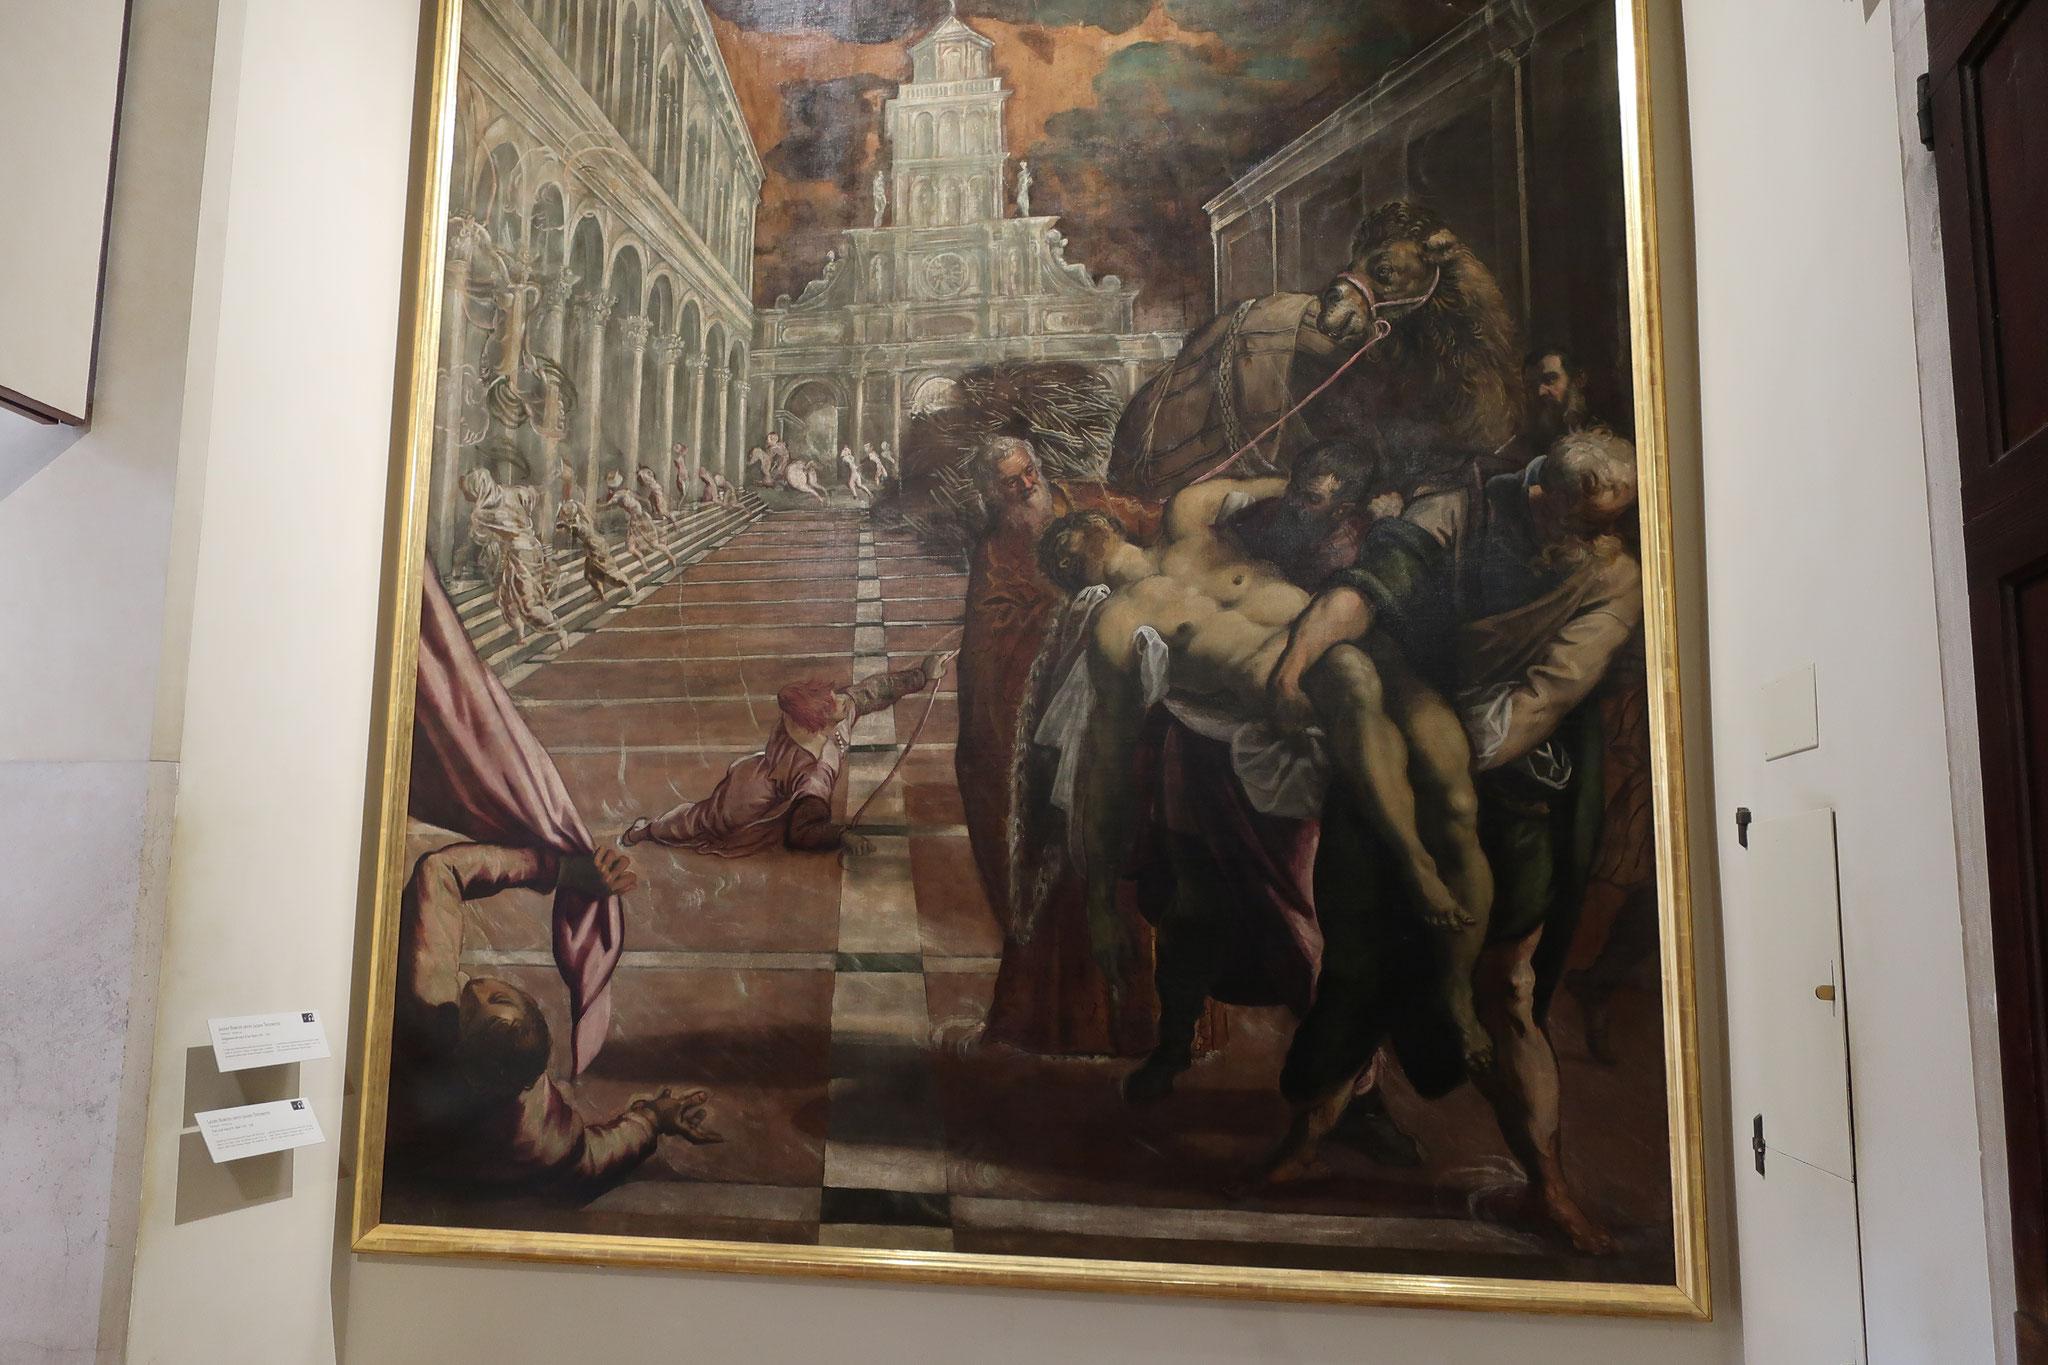 「聖マルコ遺体の窃取」ティントレット 作。ヴェネツィア商人2人がエジプトのアレキサンドリアから、アラブ人を騙して聖人マルコの遺体をヴェネツィアに運んだ故事を描いています。